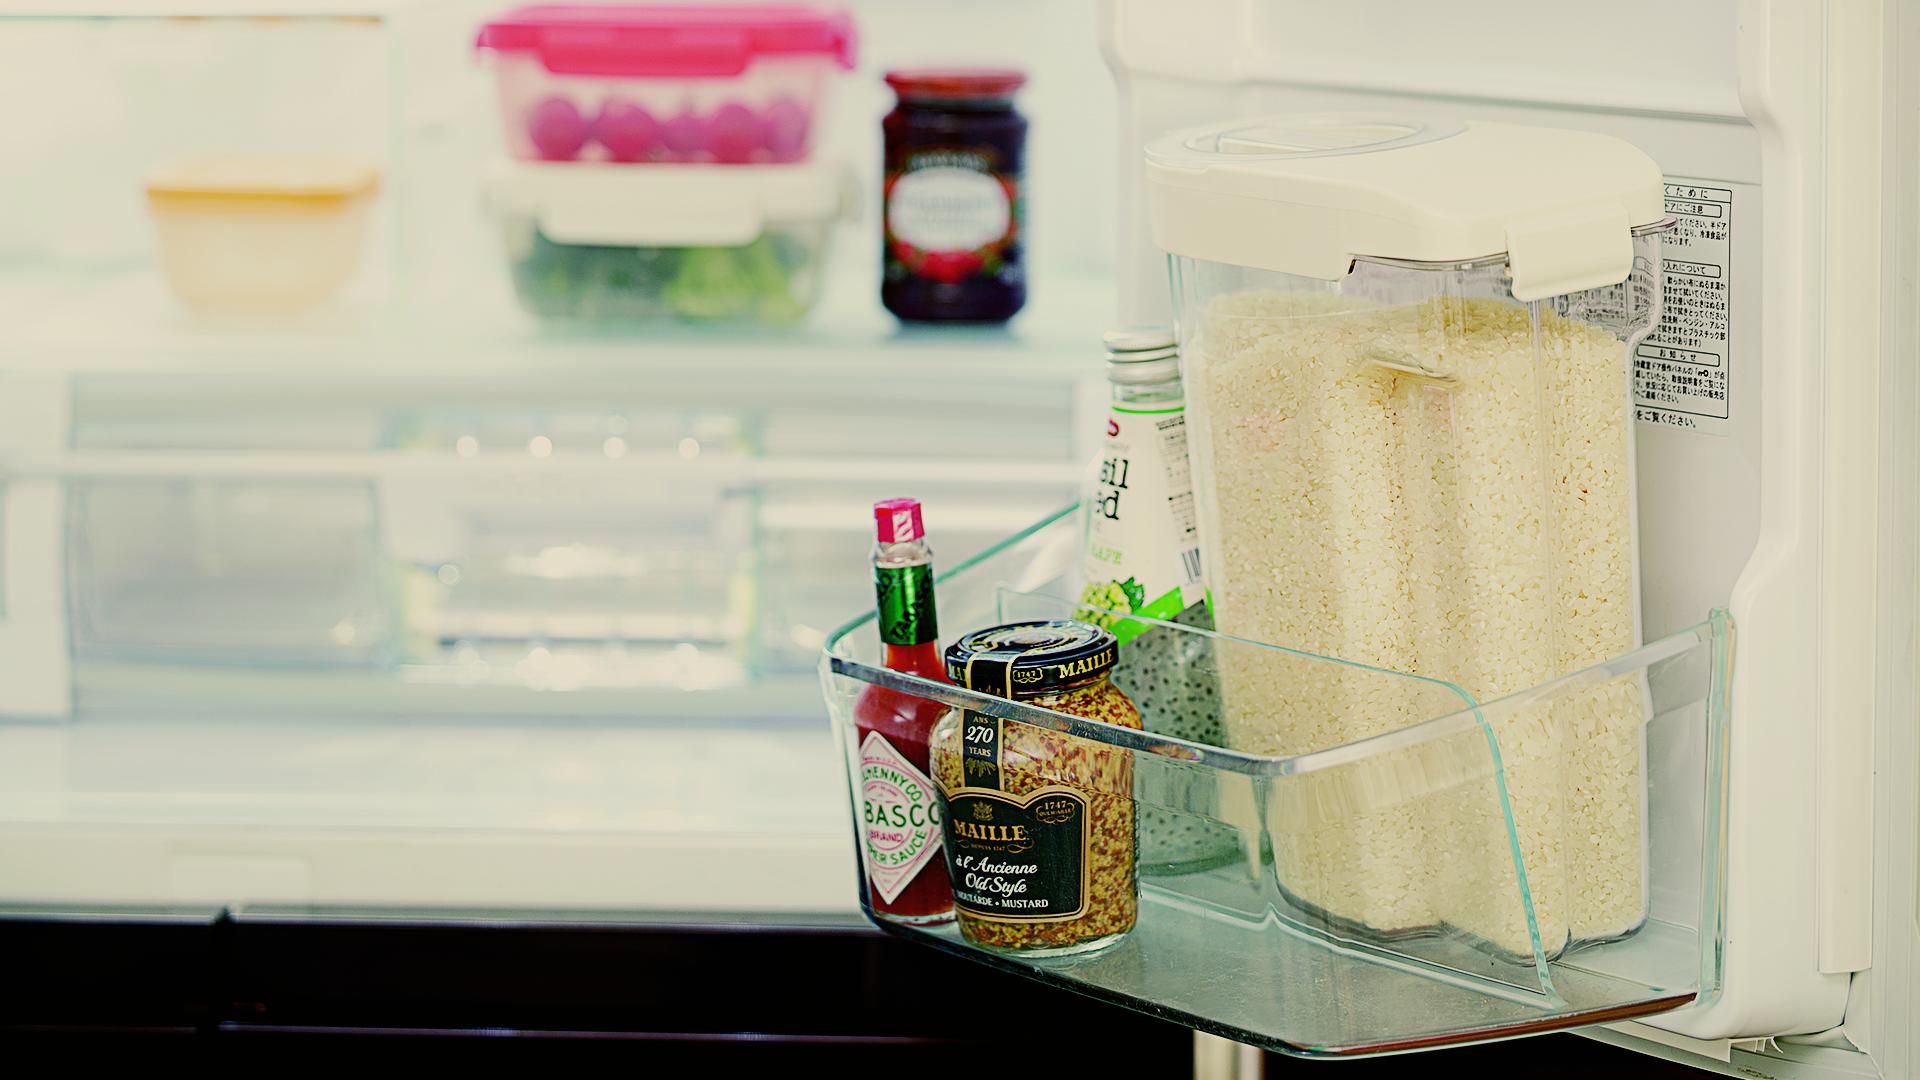 冷蔵庫のドアポケットに入る イメージ